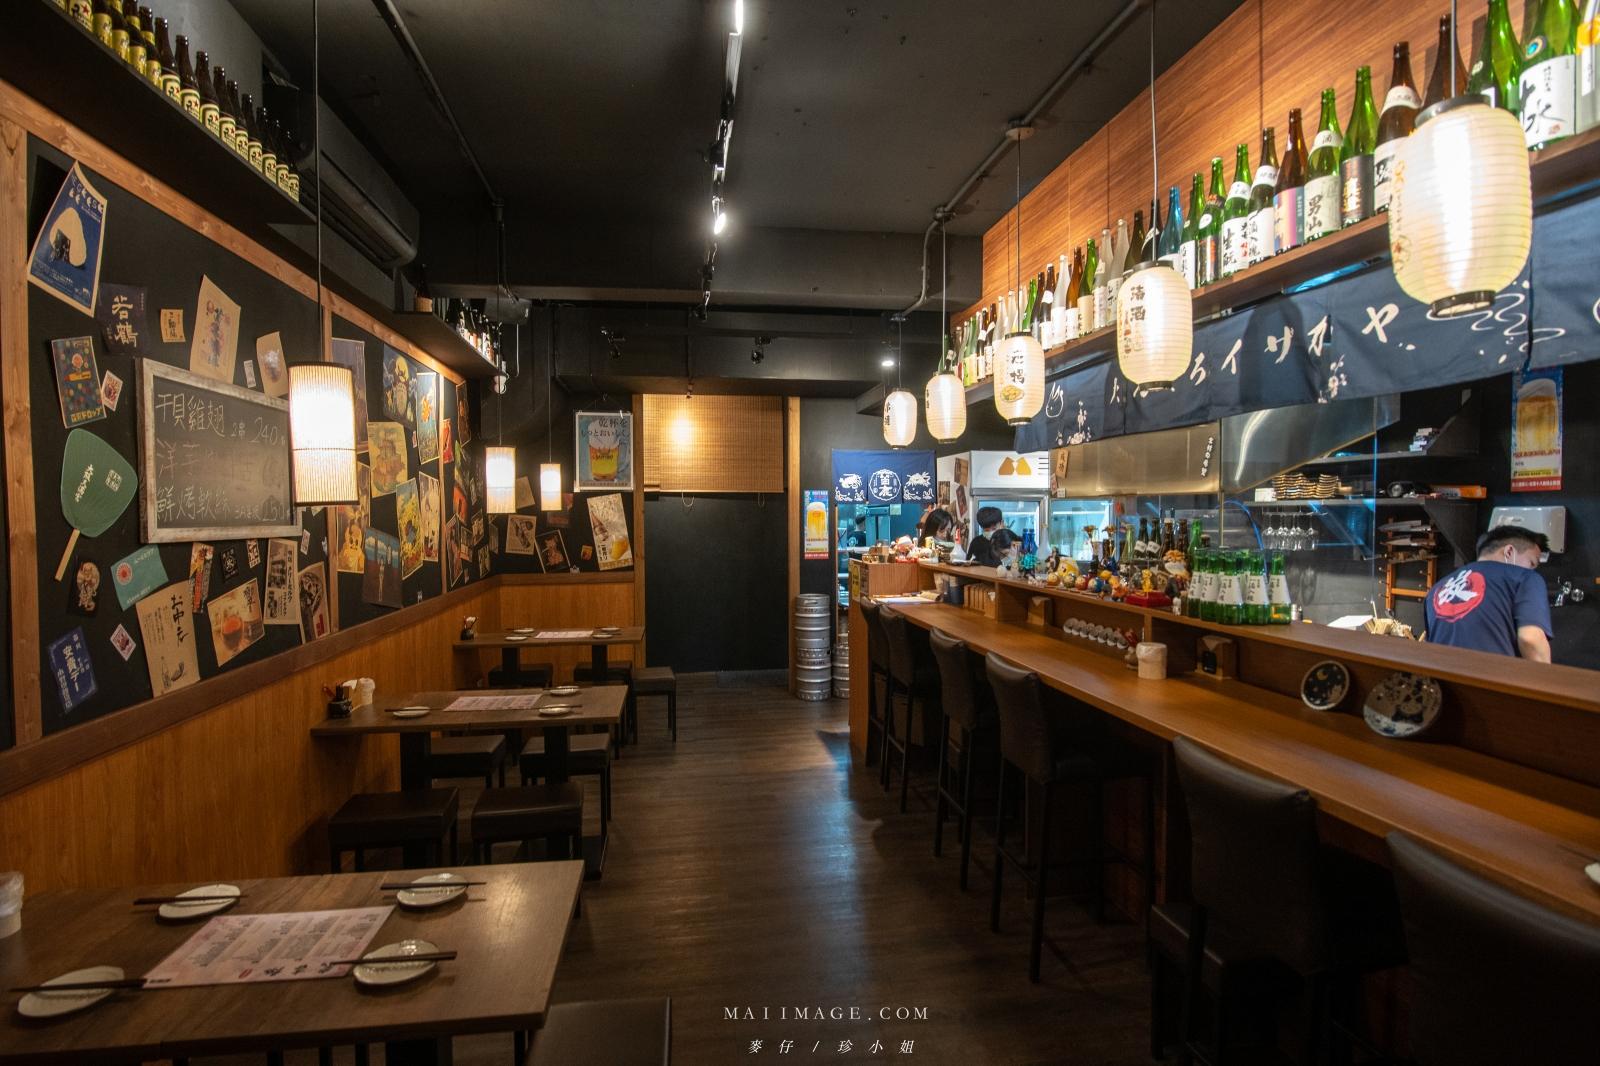 新北板橋深夜食堂【炭吉郎炭火居酒屋】板橋必訪無雷居酒屋,Google滿分5顆星超優居酒屋、板新捷運站步行一分鐘抵達